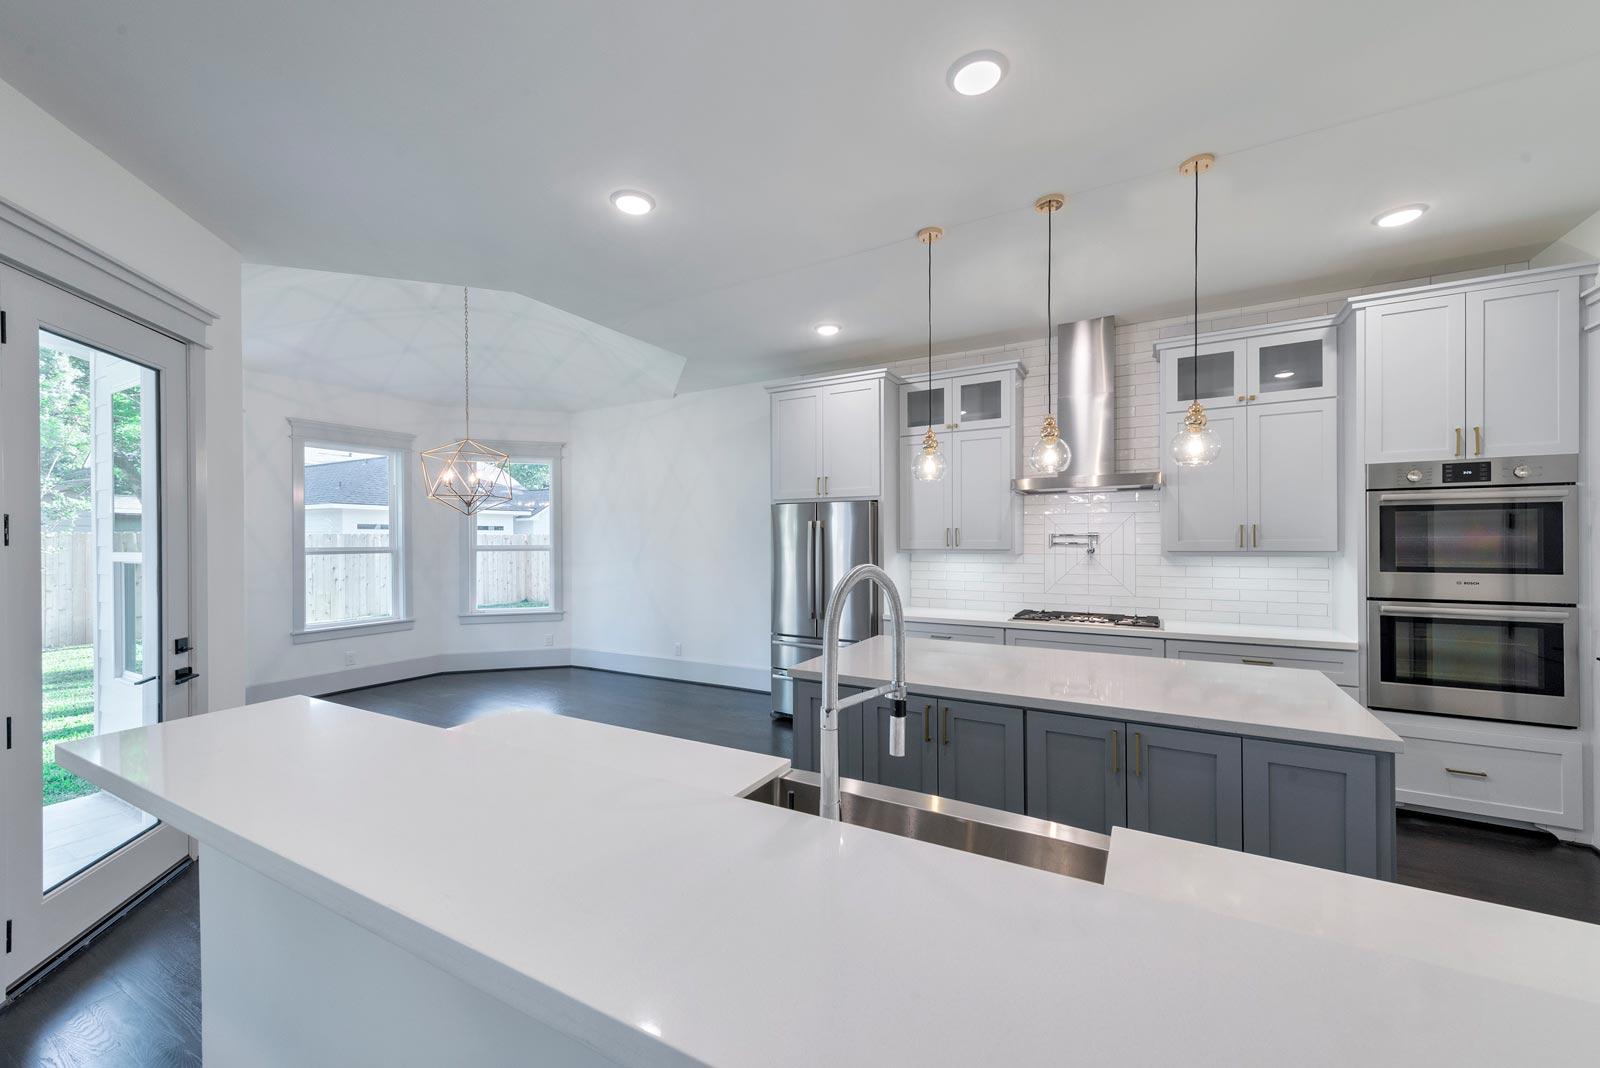 Houston-Homebuilder-Custom-Homebuilder-Central-Houston-Homebuilder-Oak-Forest-Custom-Kitchen-Backsplash-Design-Commercial-Kitchen-Faucet-White-Quartz-Countertops